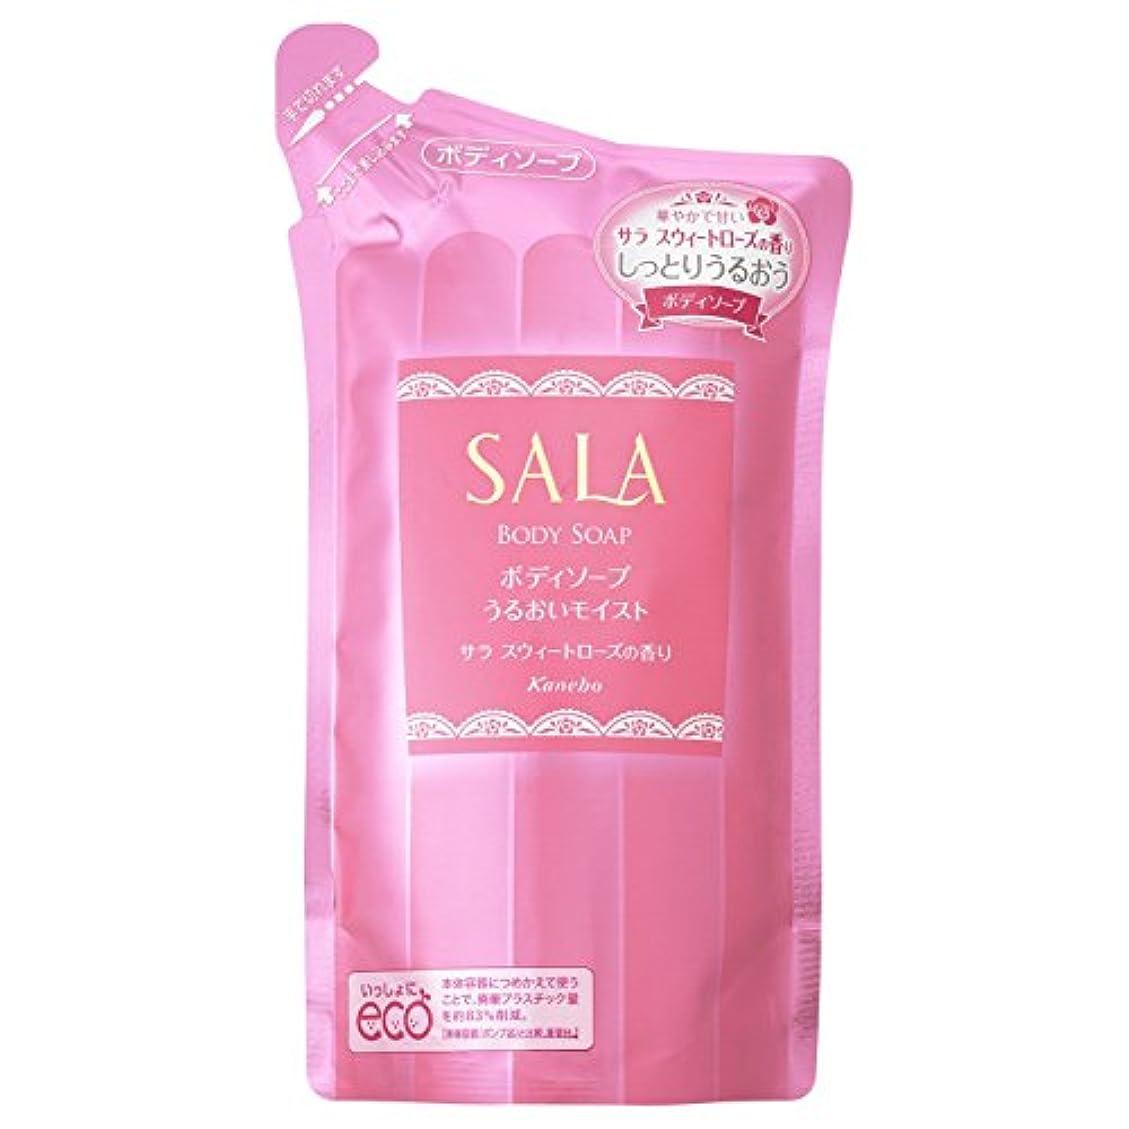 直径敬な勃起サラ ボディソープ うるおいモイスト つめかえ用 サラスウィートローズの香り